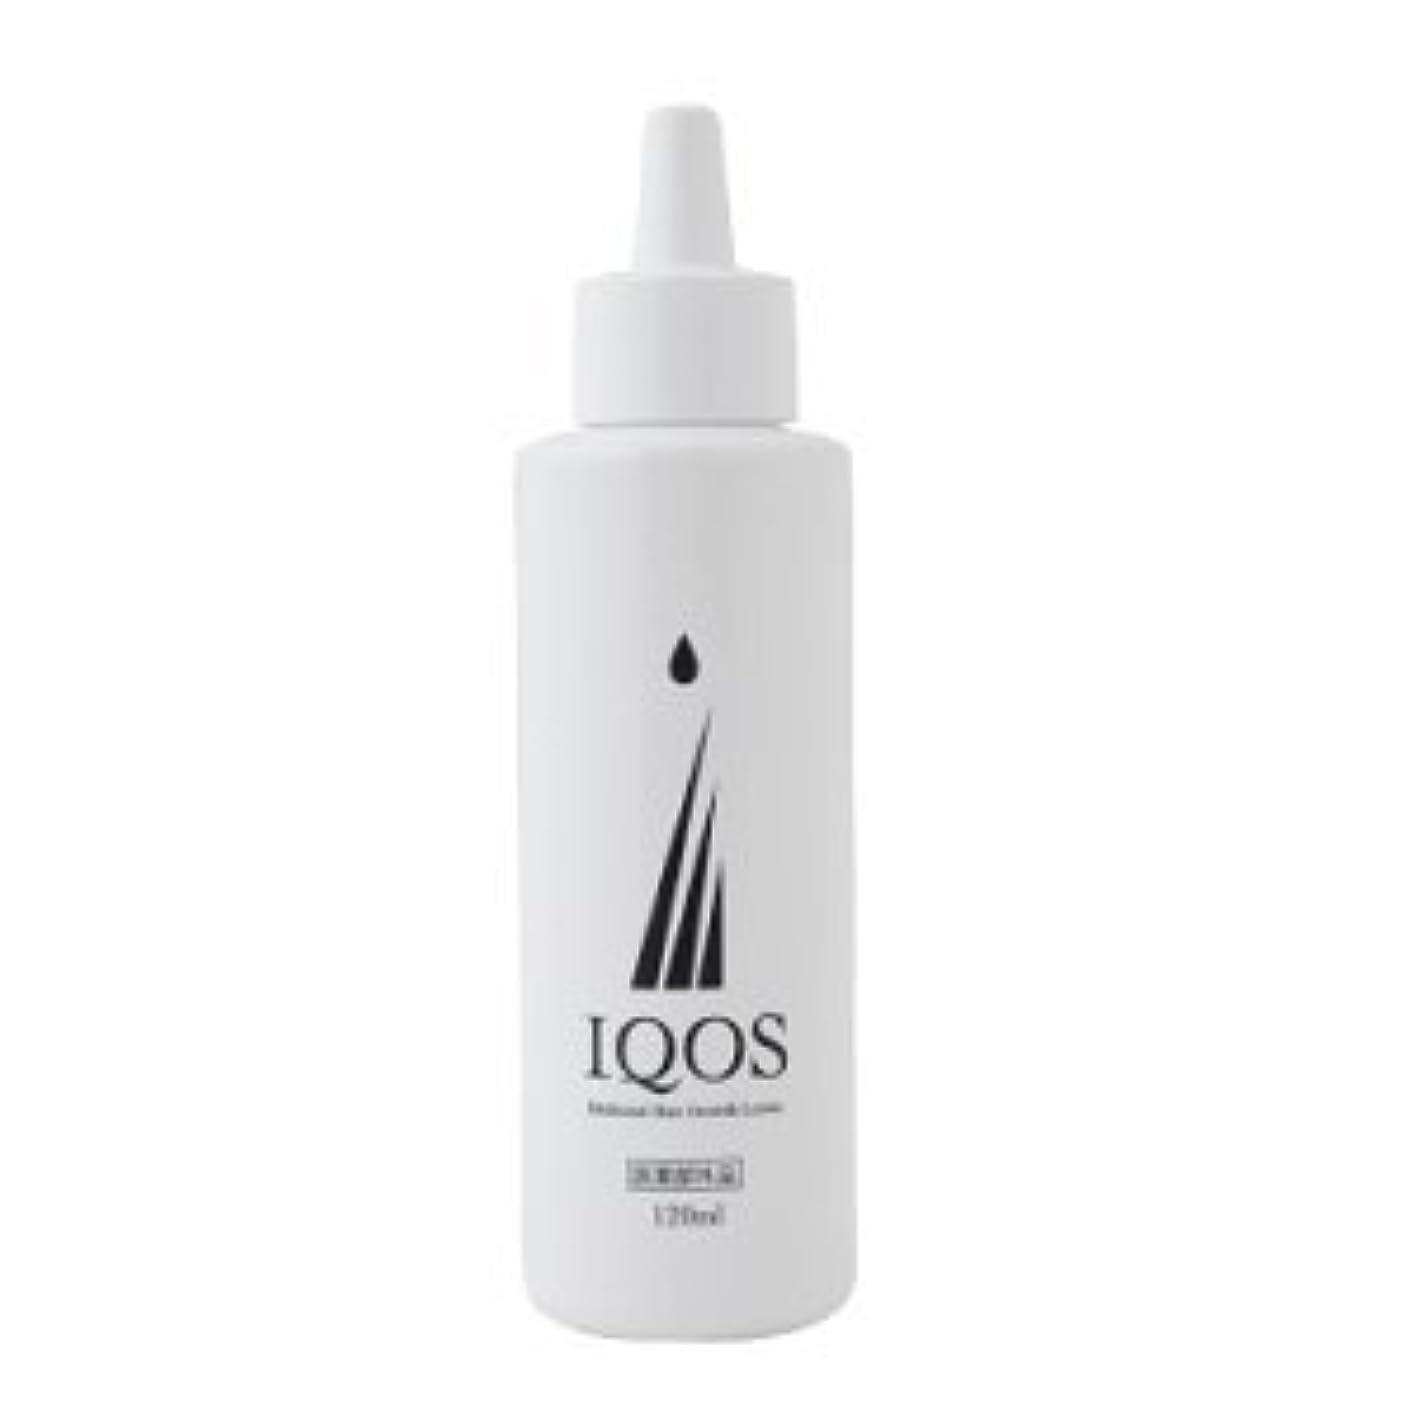 修理可能小麦粉また明日ねM-034を最大級配合 薬用育毛剤 IQOS イクオス 120ml